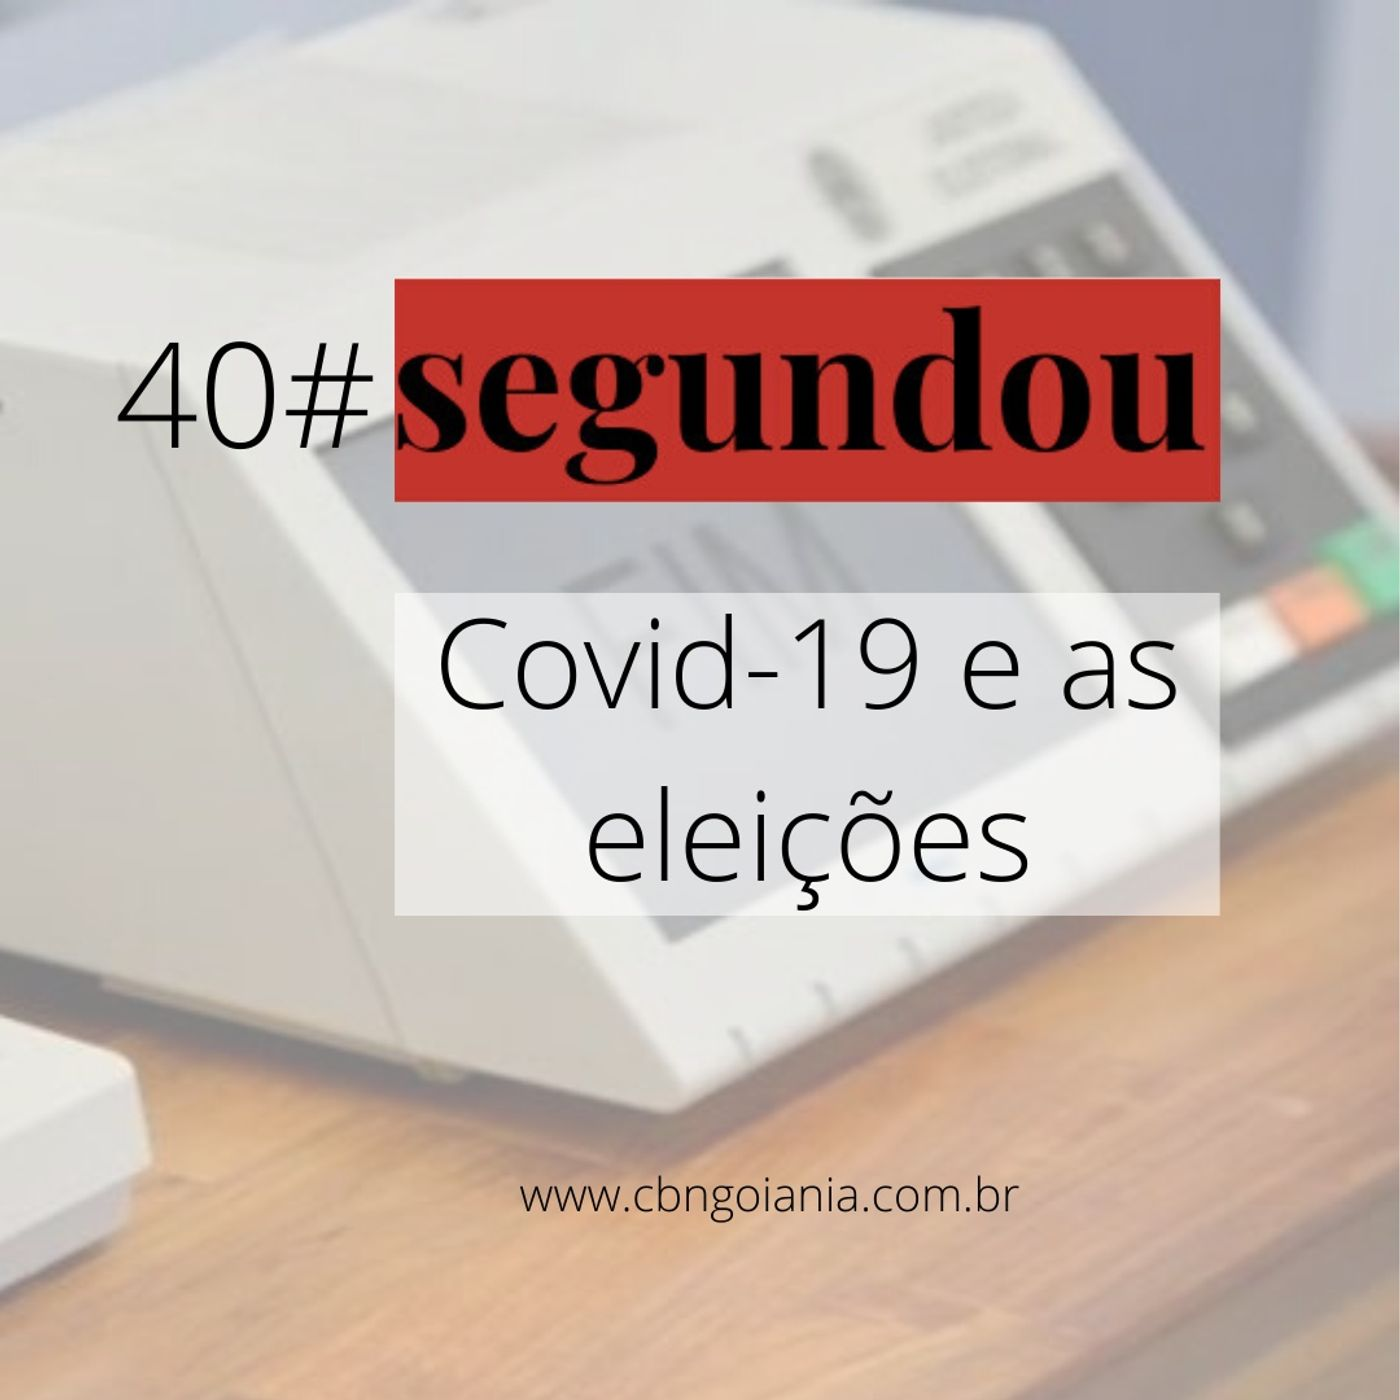 Segundou #40 - Covid-19 e as eleições